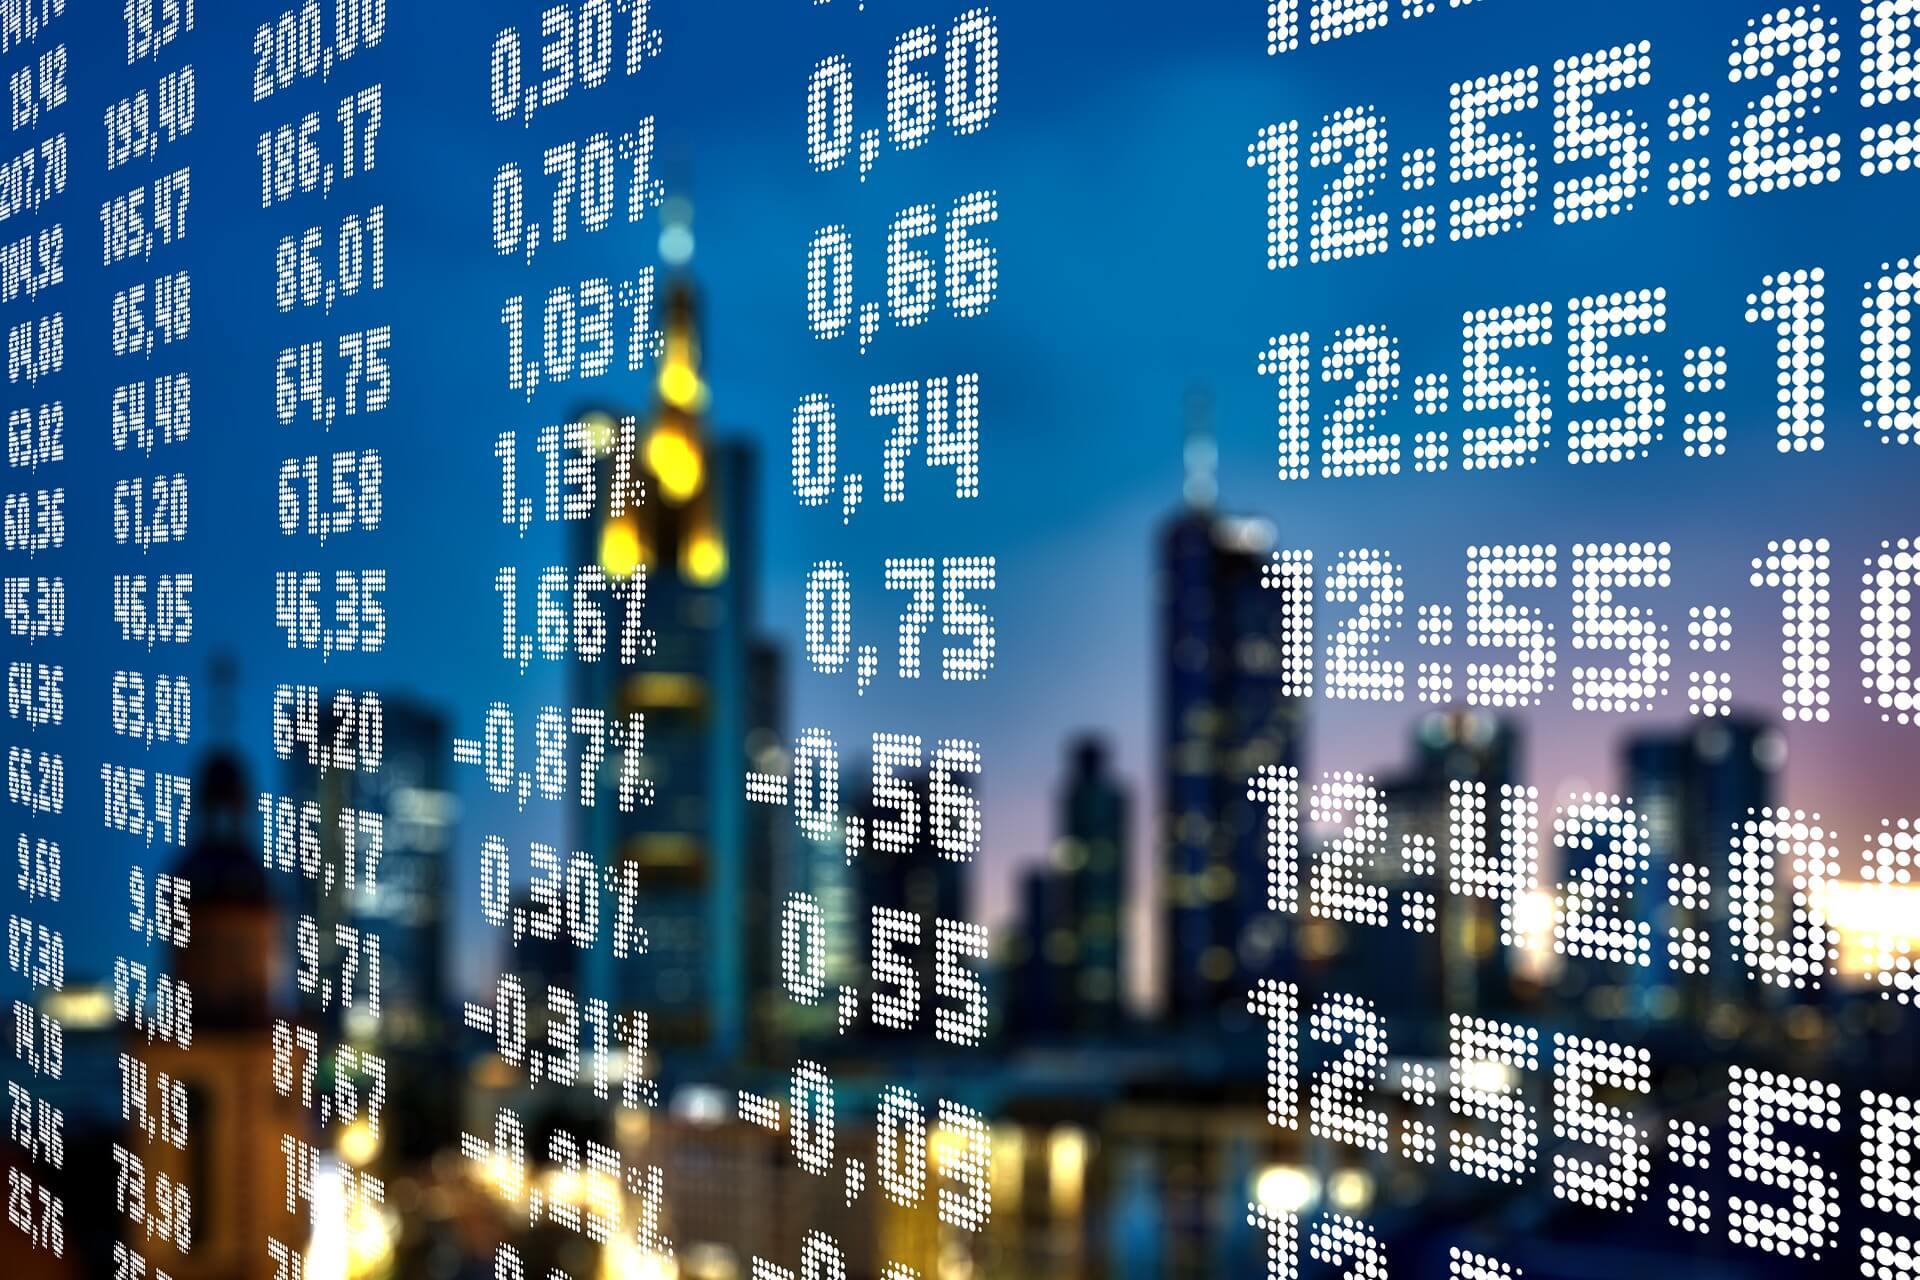 Información sobre la ROCE (rentabilidad sobre el capital empleado) de Carnival